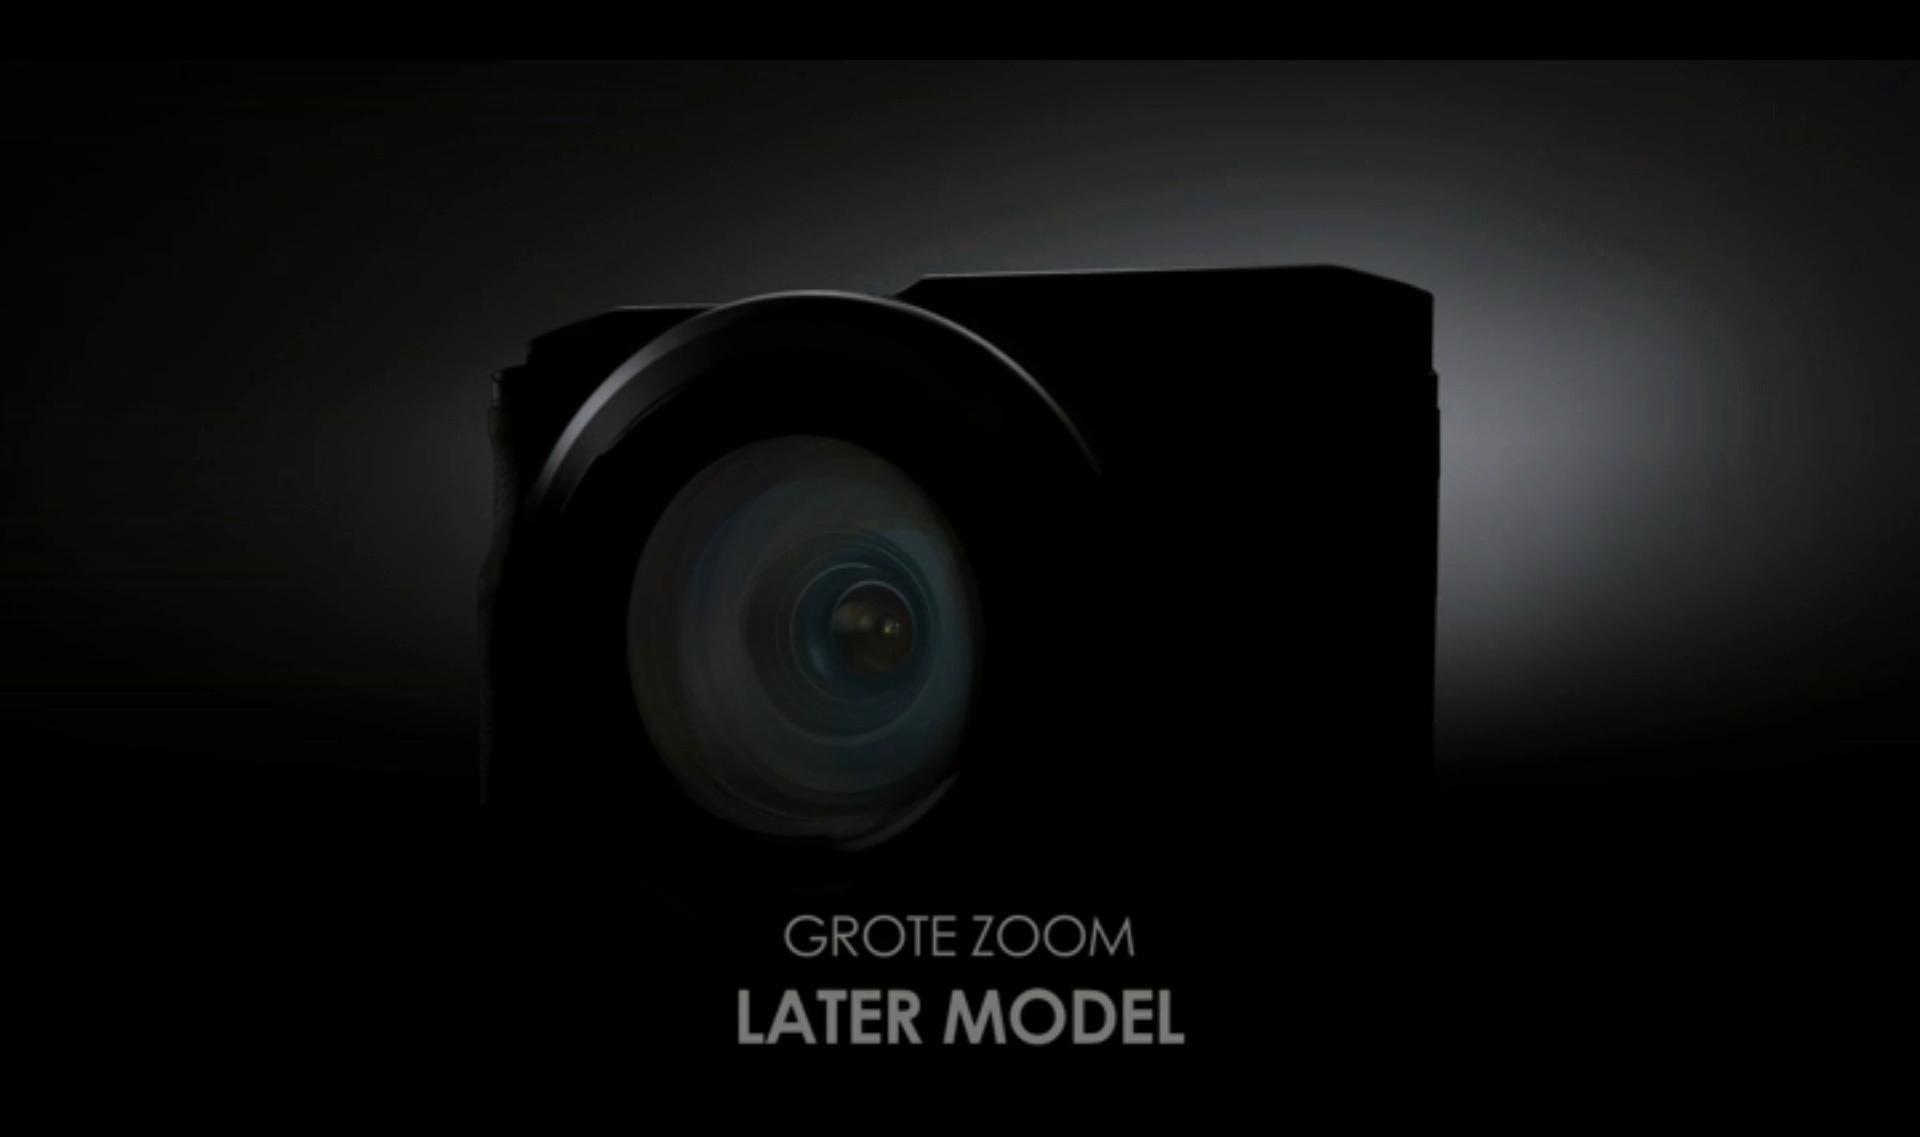 Ny superzoom fra Canon?Foto: Skjermdump/Canon